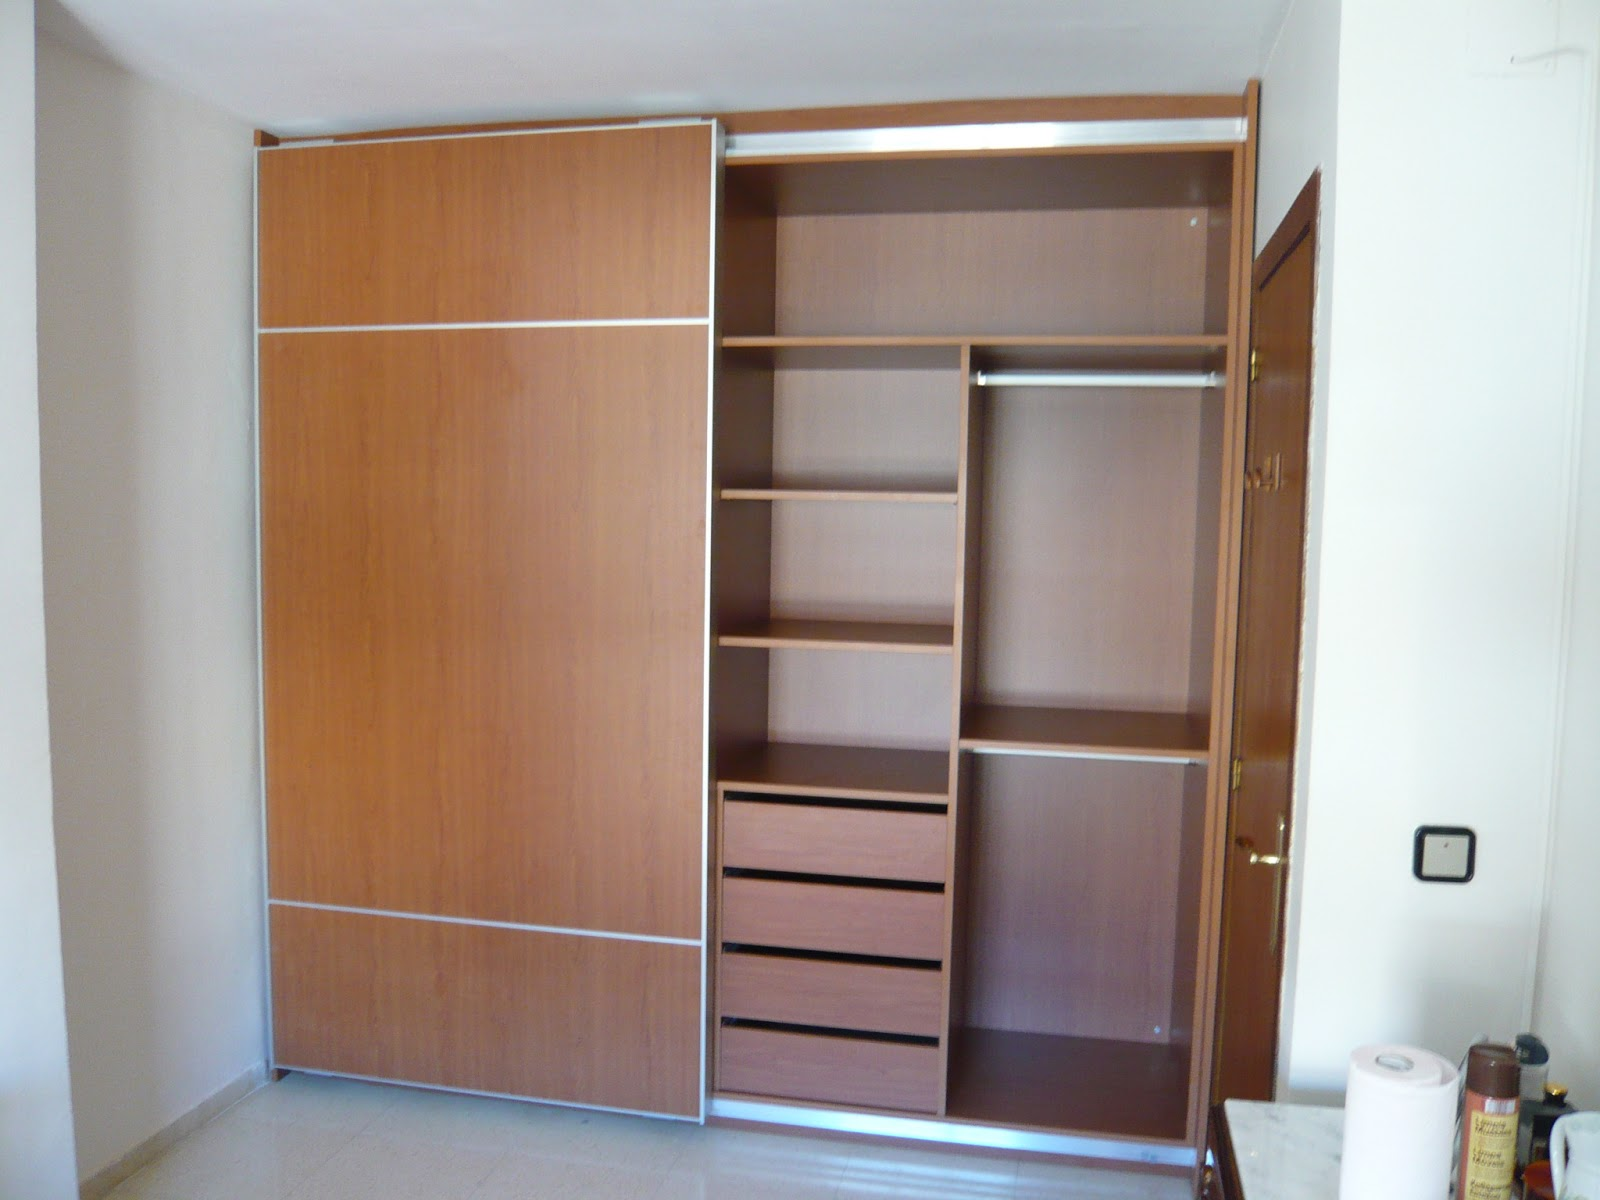 Reuscuina mueble puertas correderas con 1 espejo - Mueble puertas correderas ...